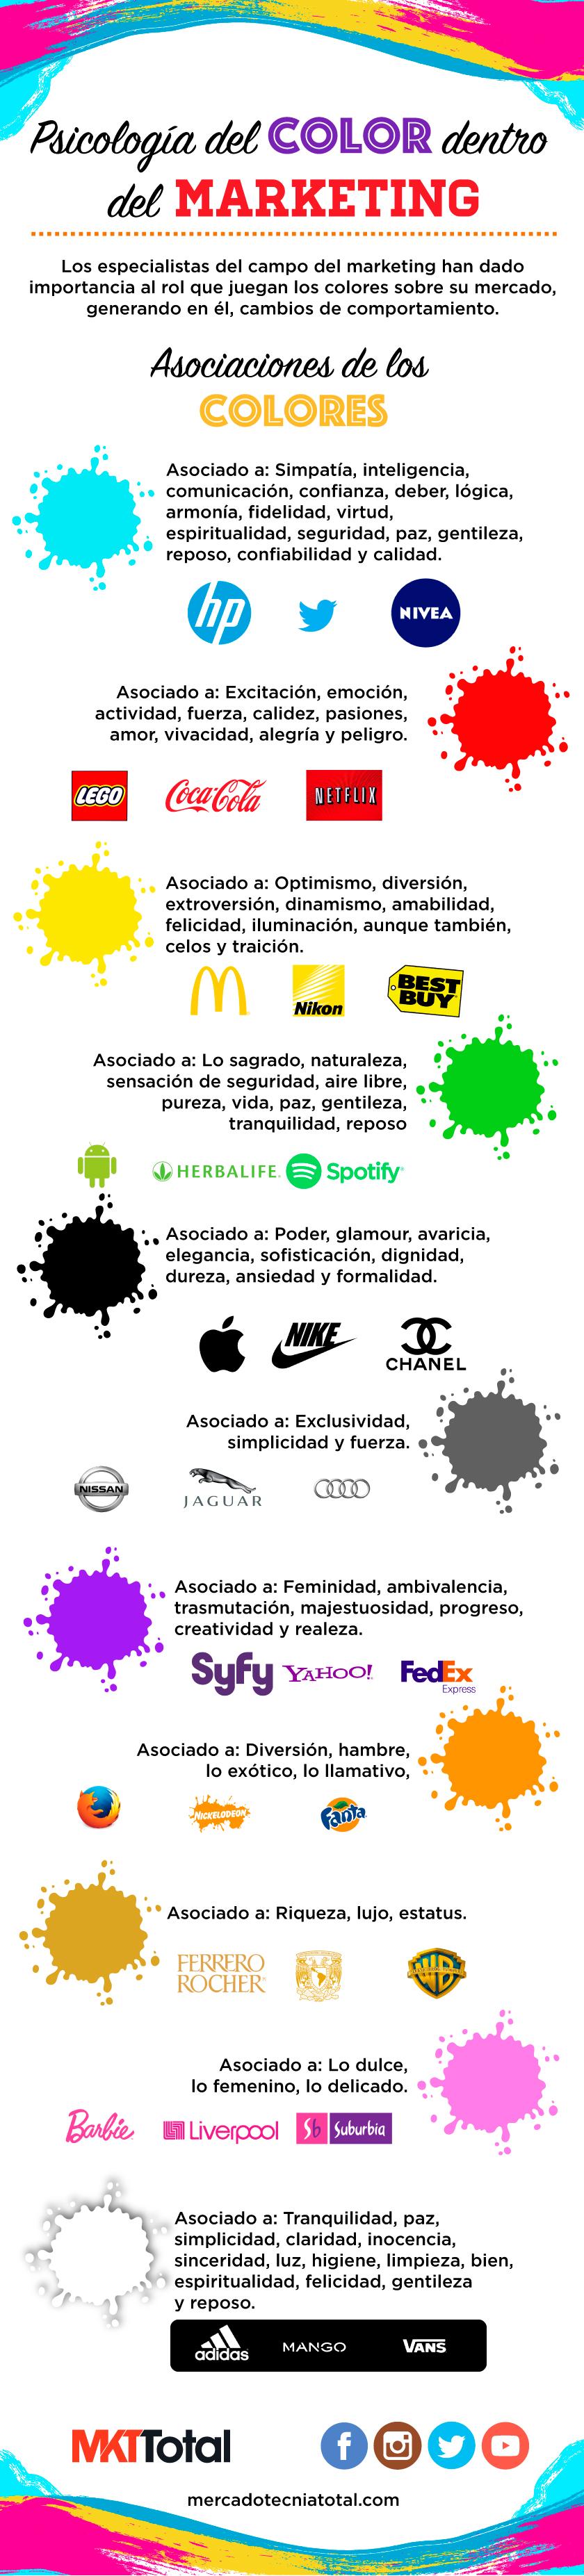 Psicología del color dentro del marketing